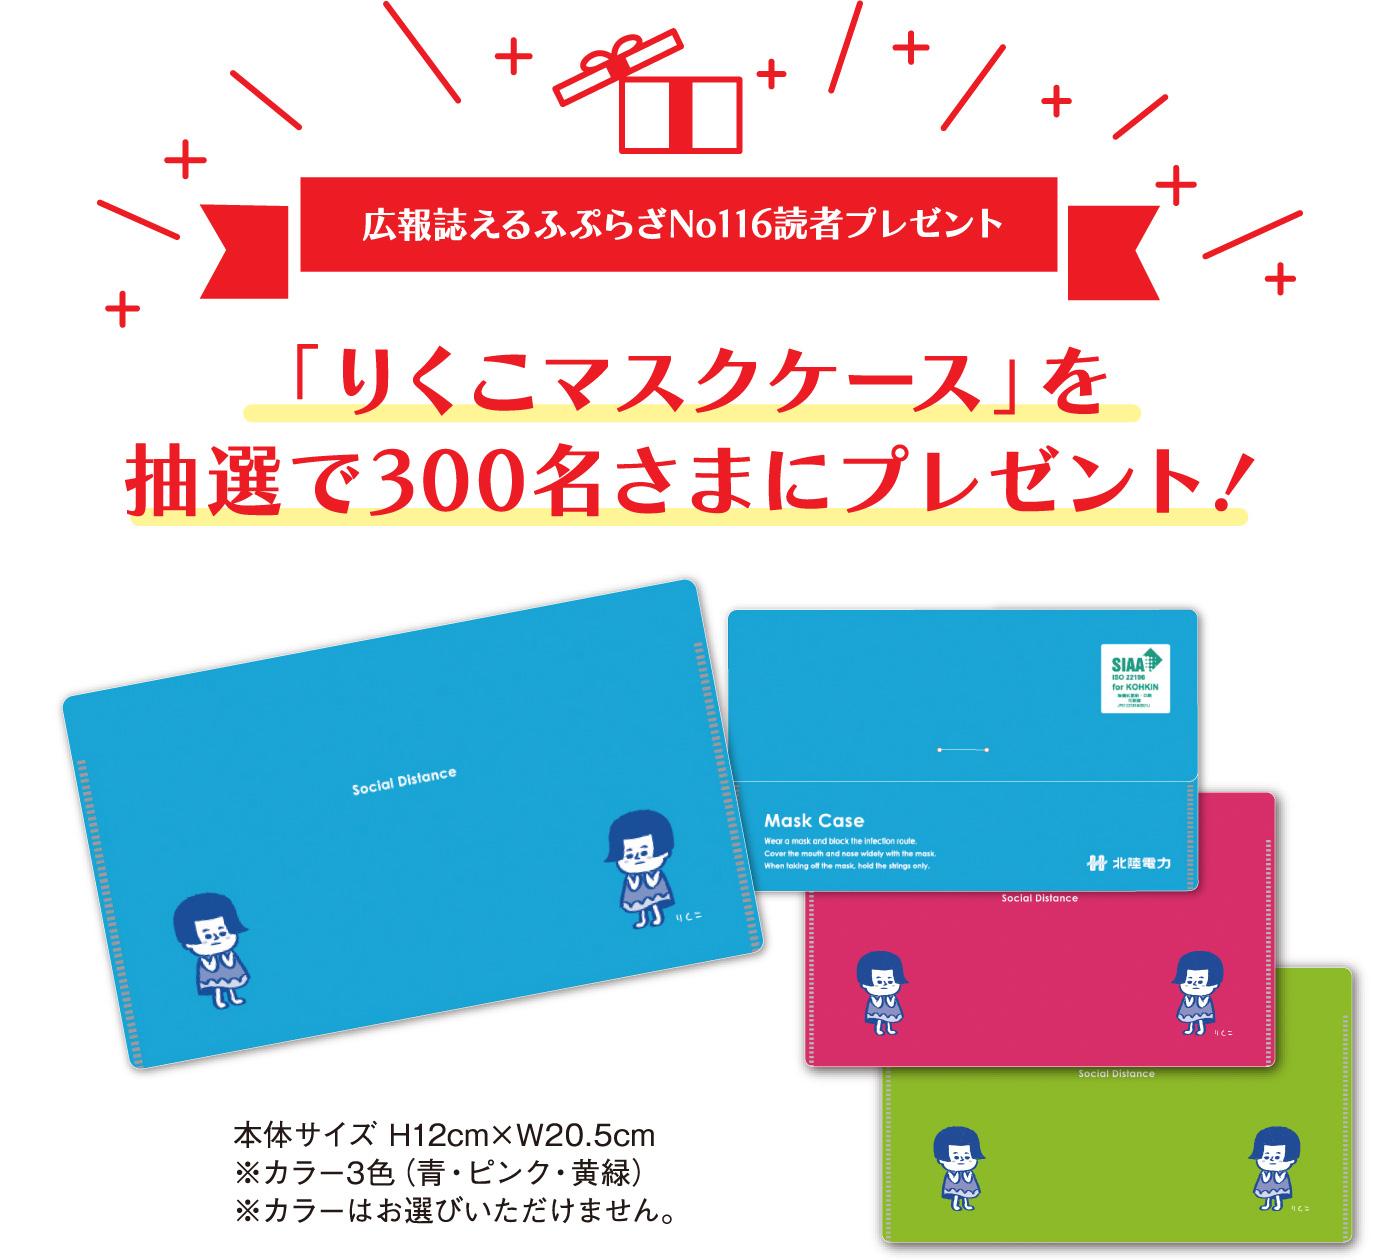 「りくこマスクケース」を抽選で300名さまにプレゼント!本体サイズ H12cm×W20.5cm※カラー3色(青・ピンク・黄緑)※カラーはお選びいただけません。